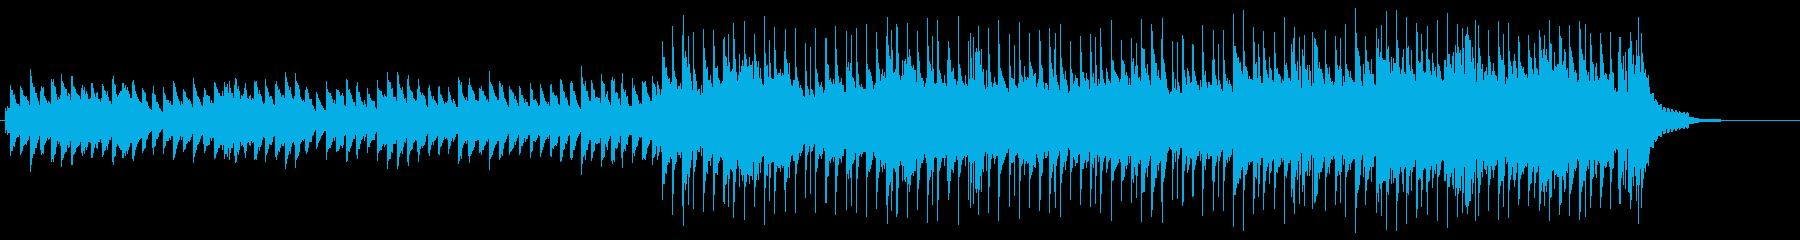 悲しいピアノバラードの再生済みの波形